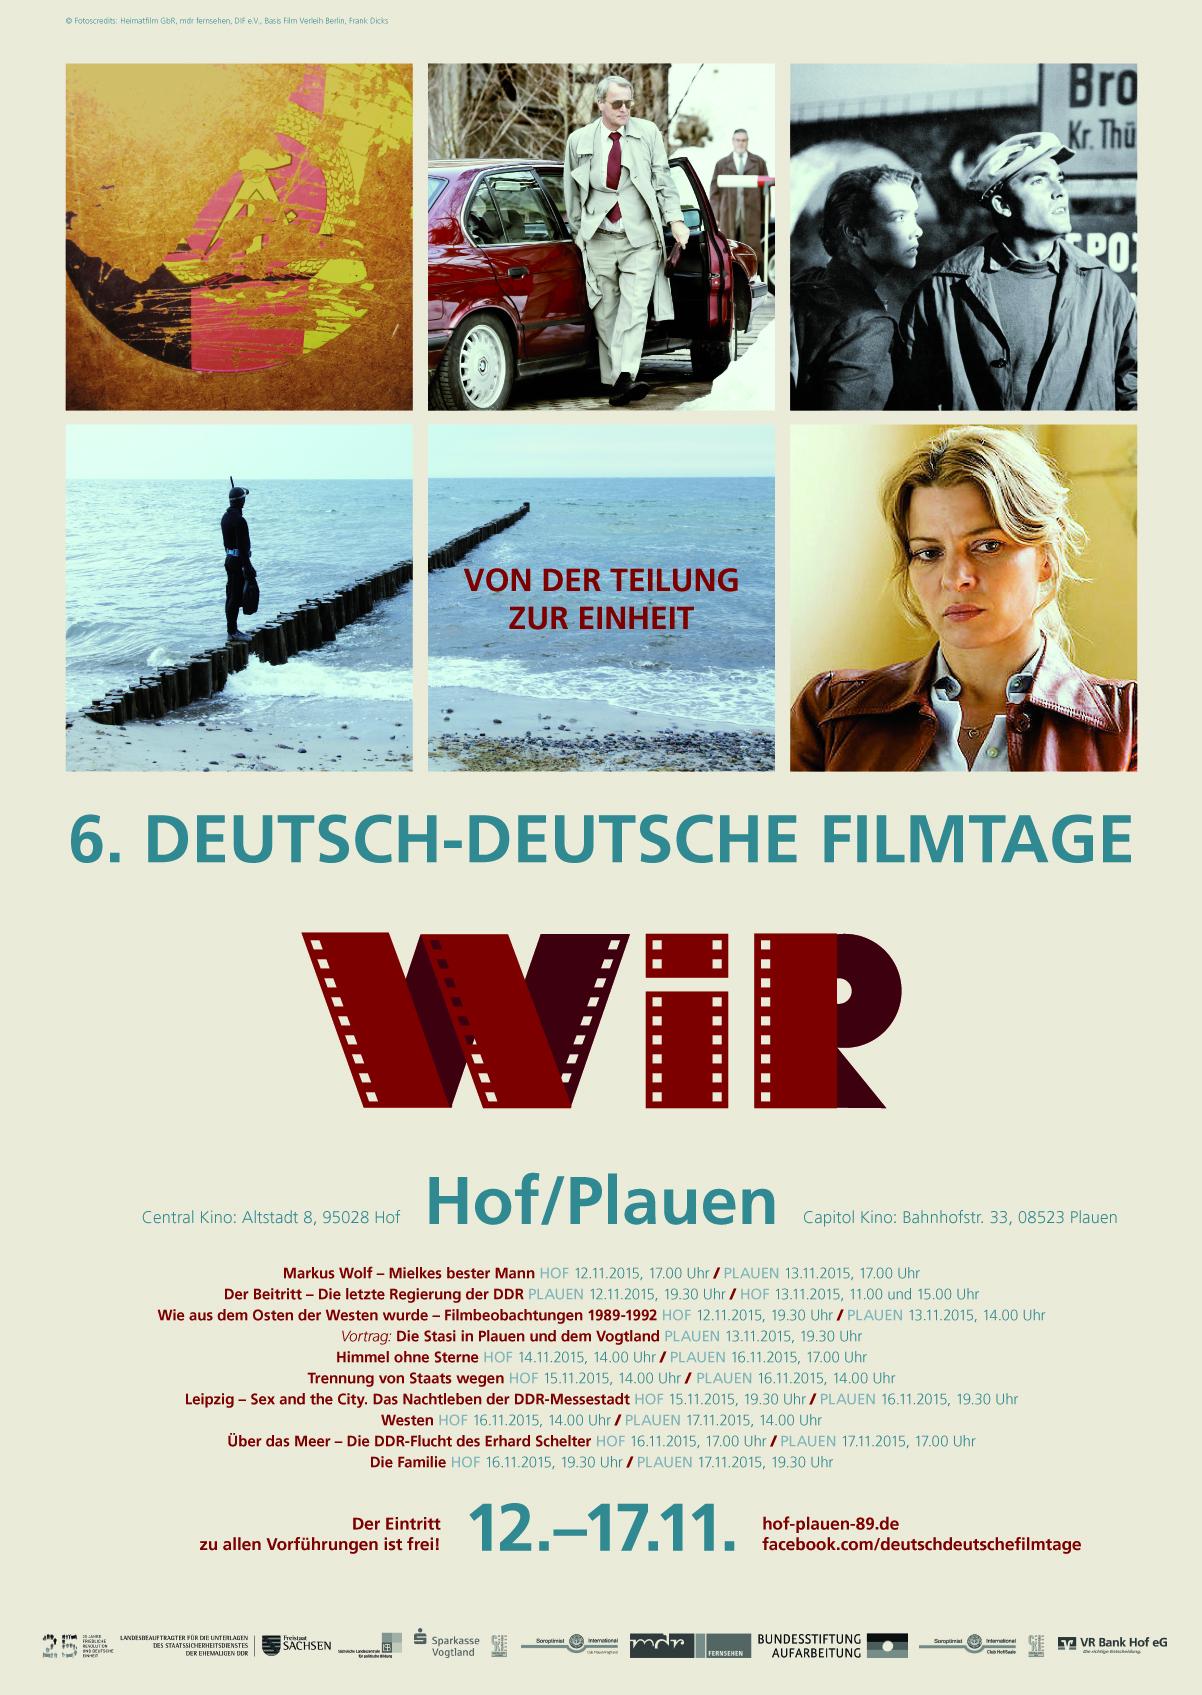 deutsch-deutsche-filmtage_2015